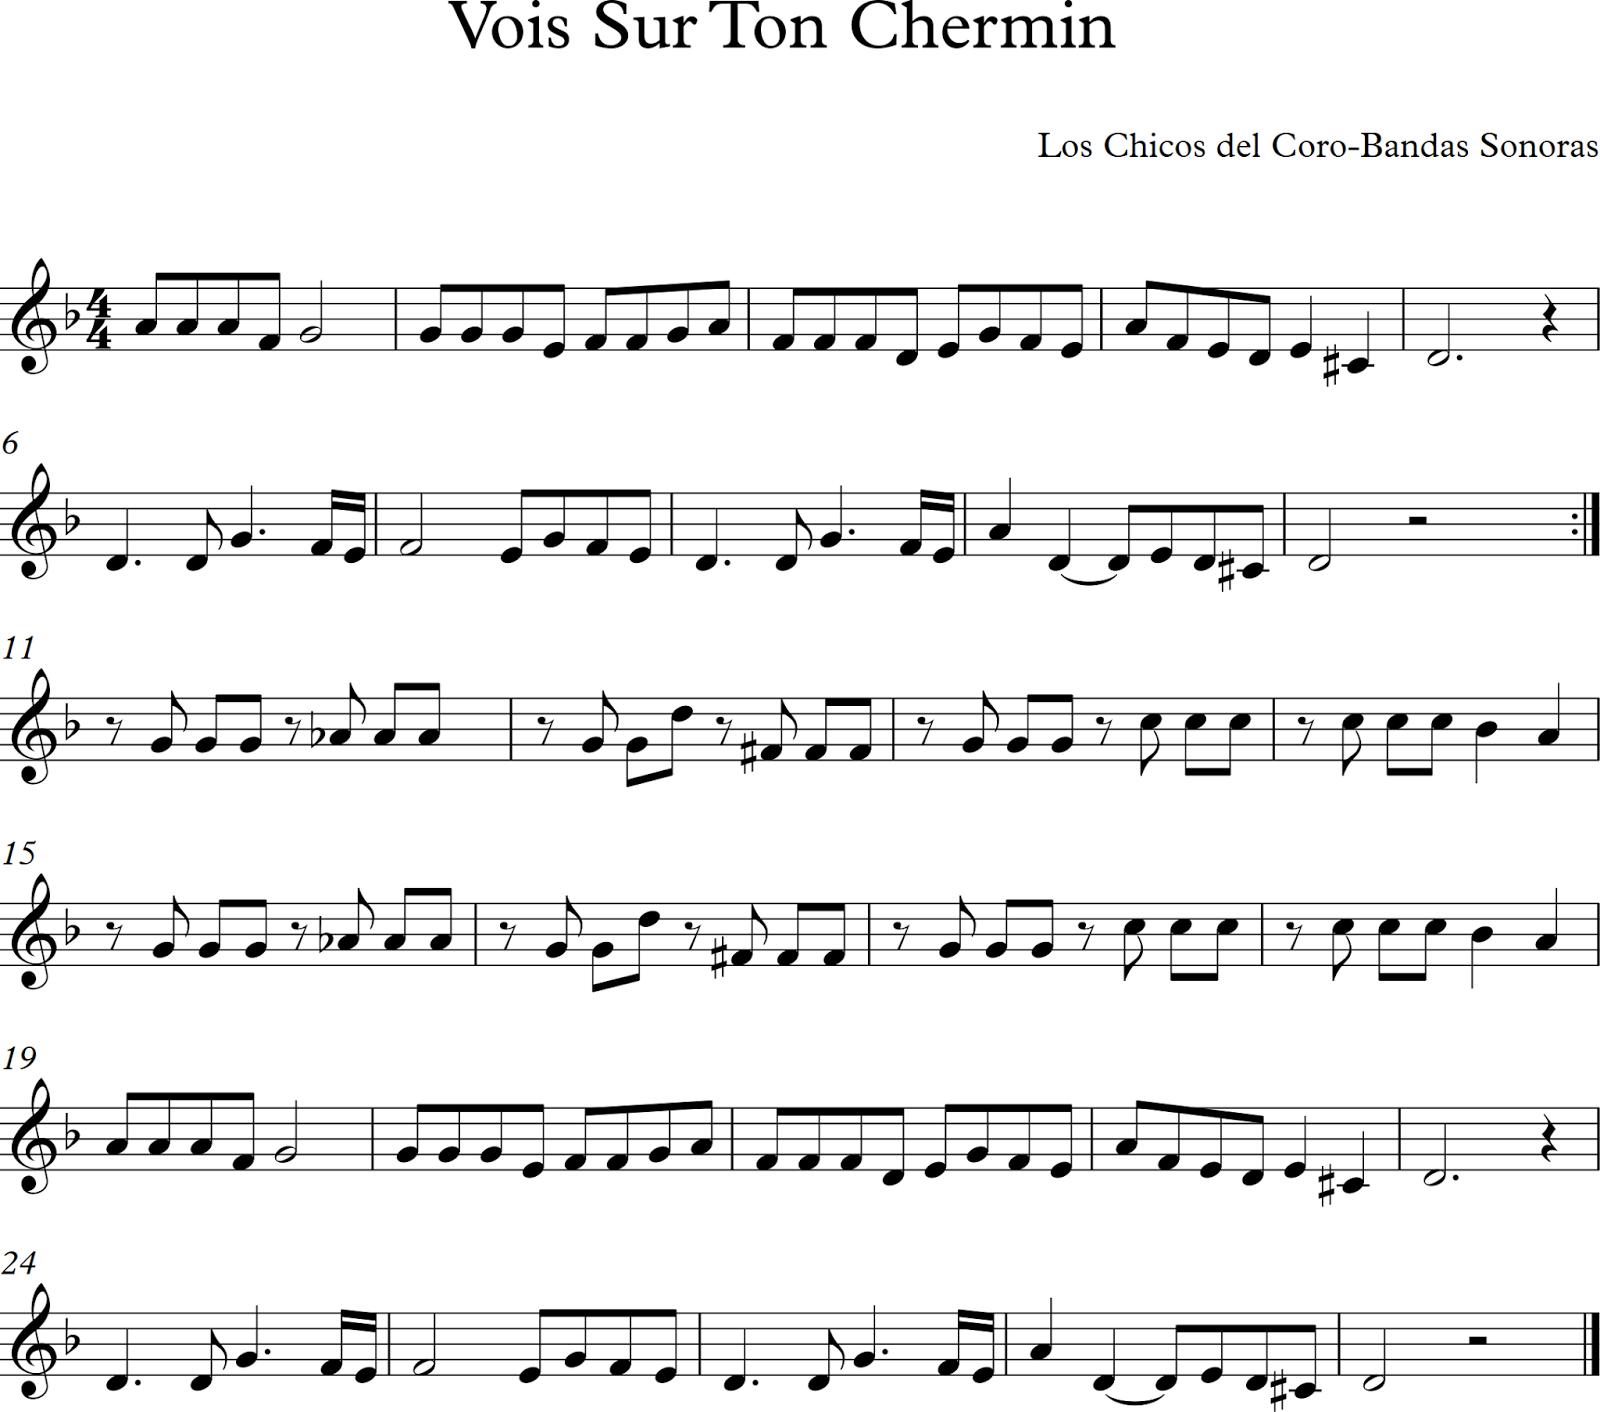 Descubriendo La Musica Partituras Para Flauta Dulce O De Pico Vois Sur Ton Chermin Los Chicos Del Coro